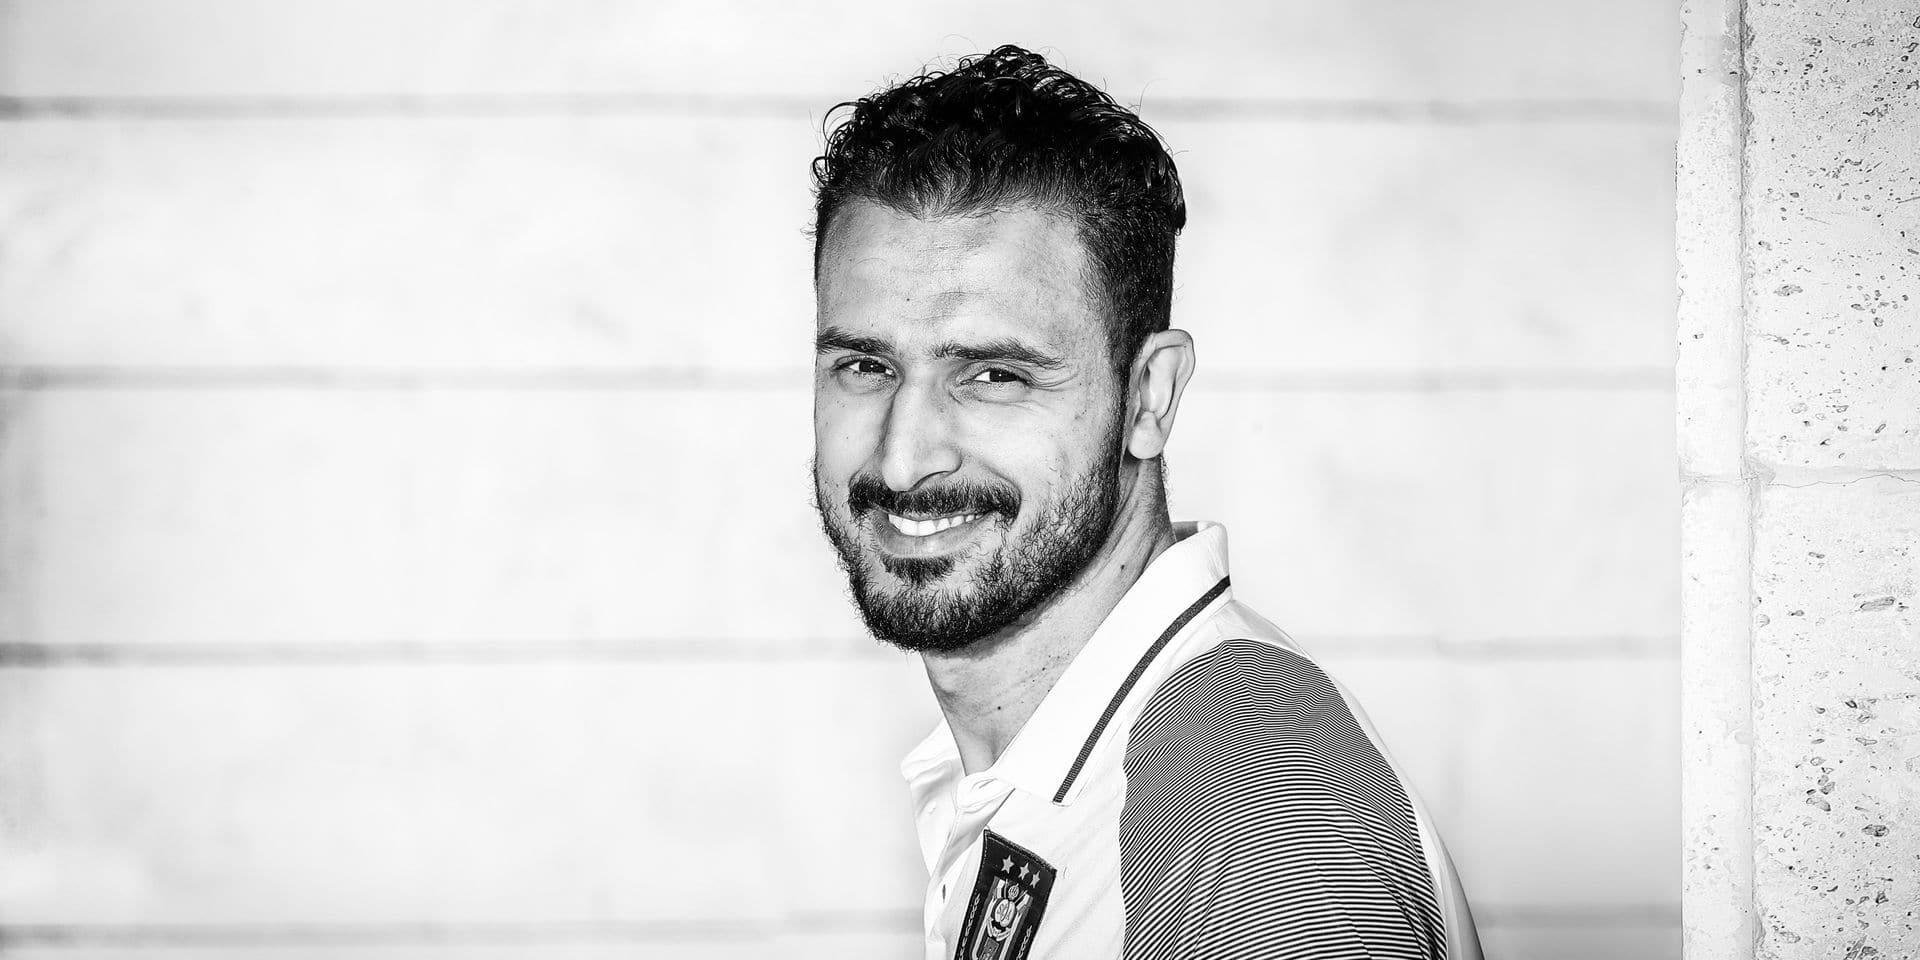 """Avant le Clasico, Nacer Chadli s'exprime sur l'investissement au Standard et sur sa saison à Anderlecht: """"J'ai investi autour d'un million à Sclessin mais que le meilleur gagne"""""""